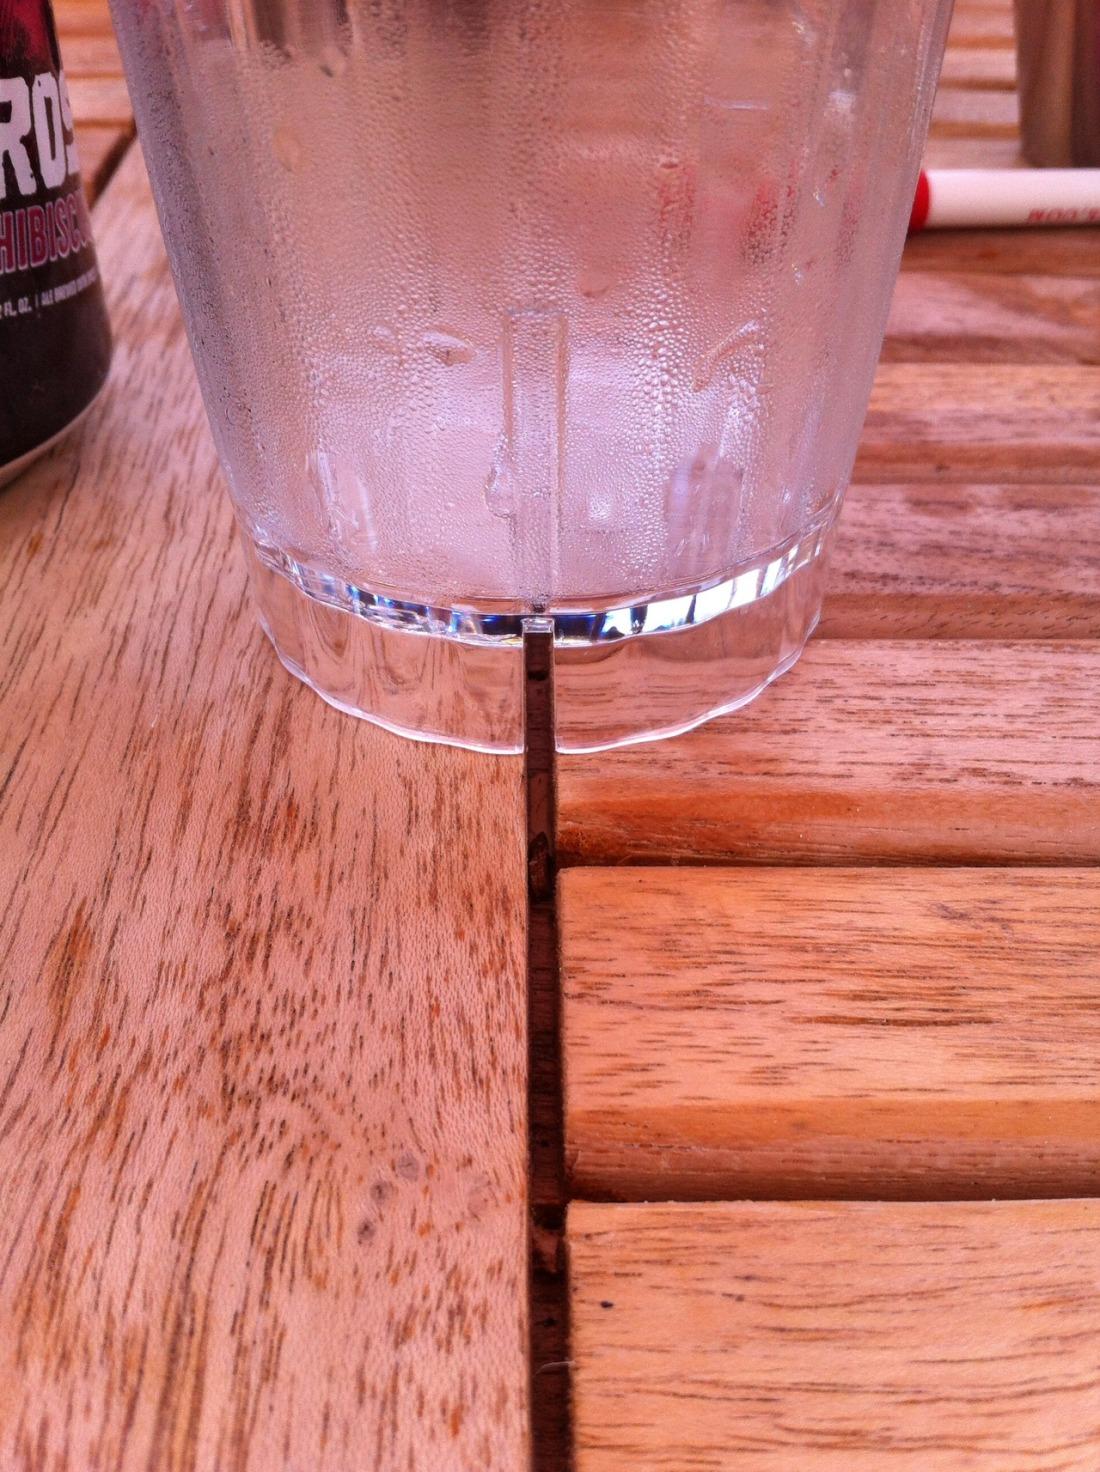 table gap + cup gap